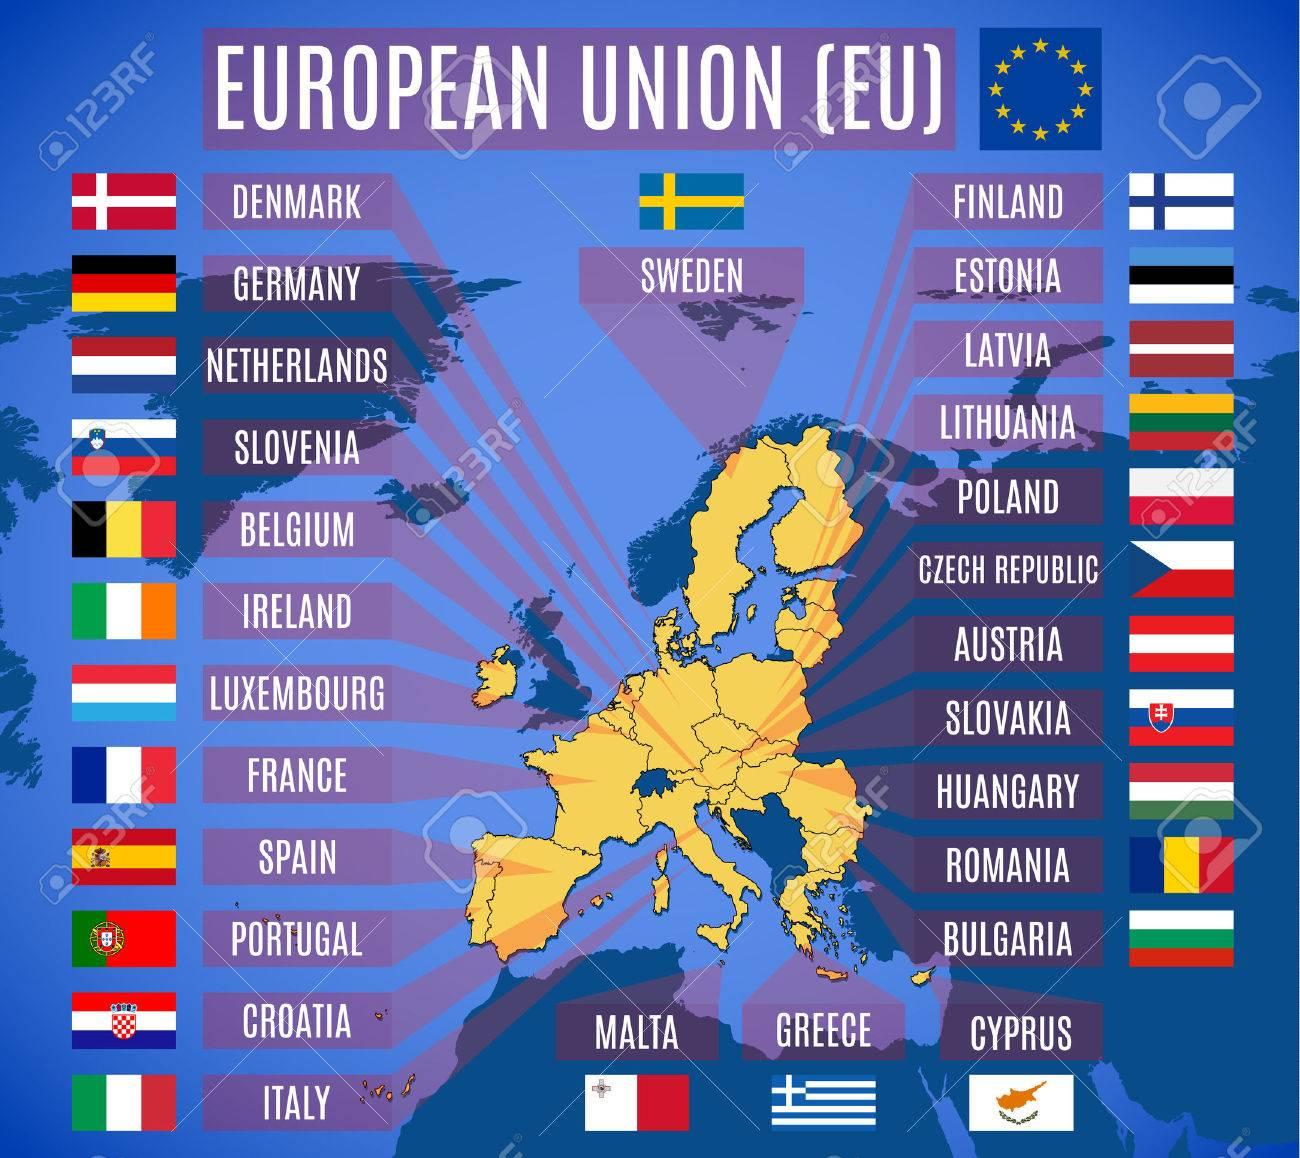 ベクトル マップの欧州連合 (EU)、英国せず。欧州連合の加盟国の国旗 ...